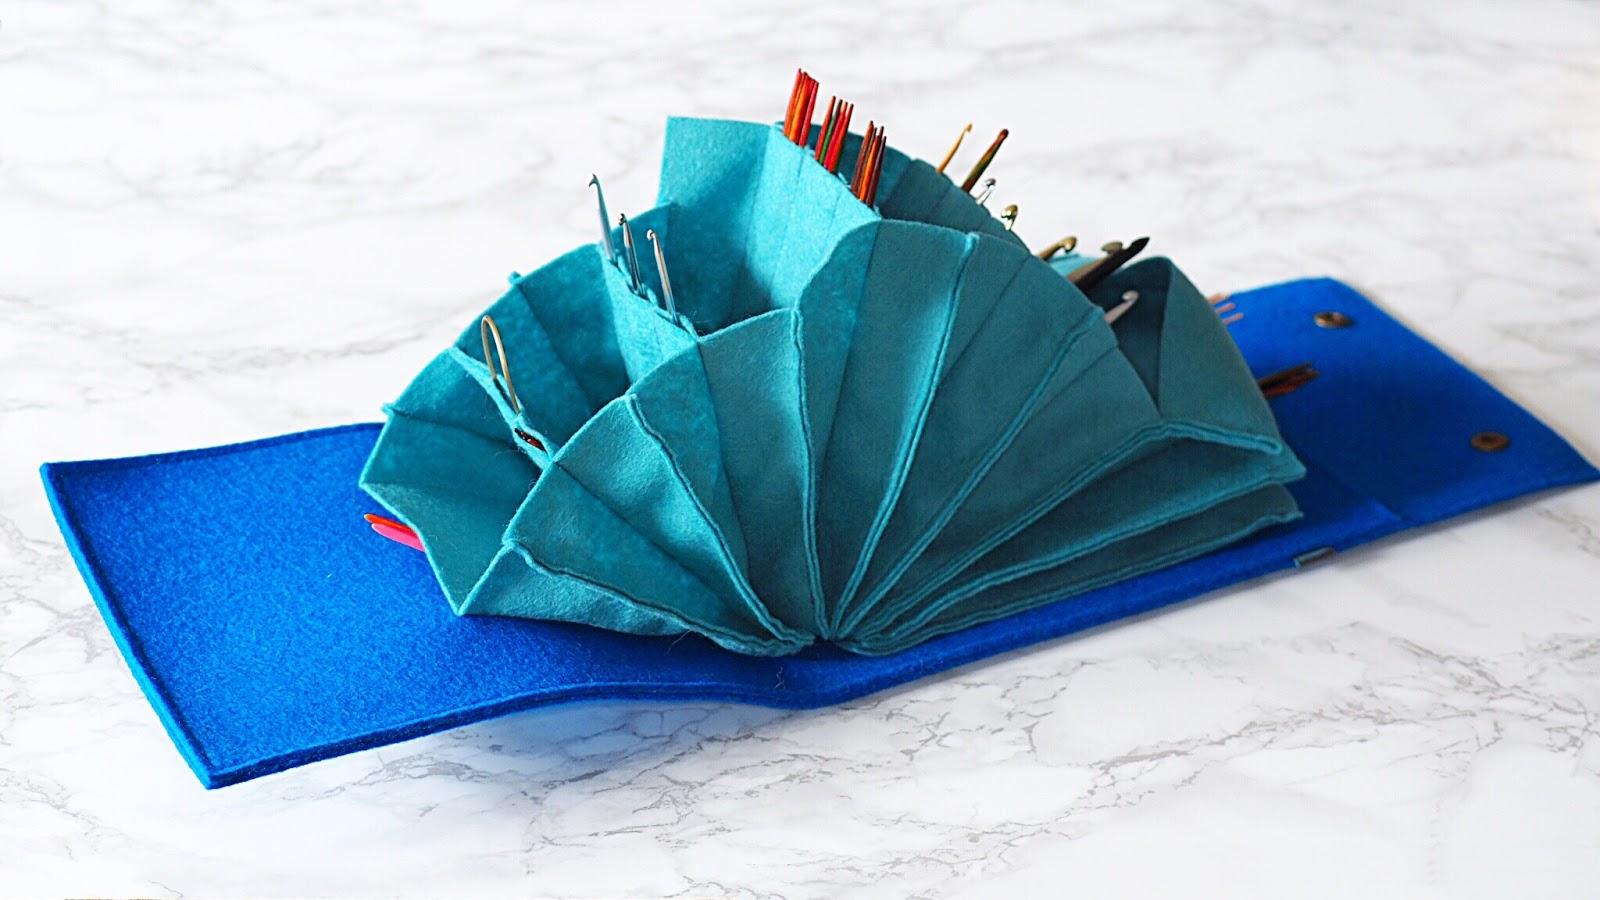 Nadelspieltasche von Bodolina - Stricknadeltasche handgemacht